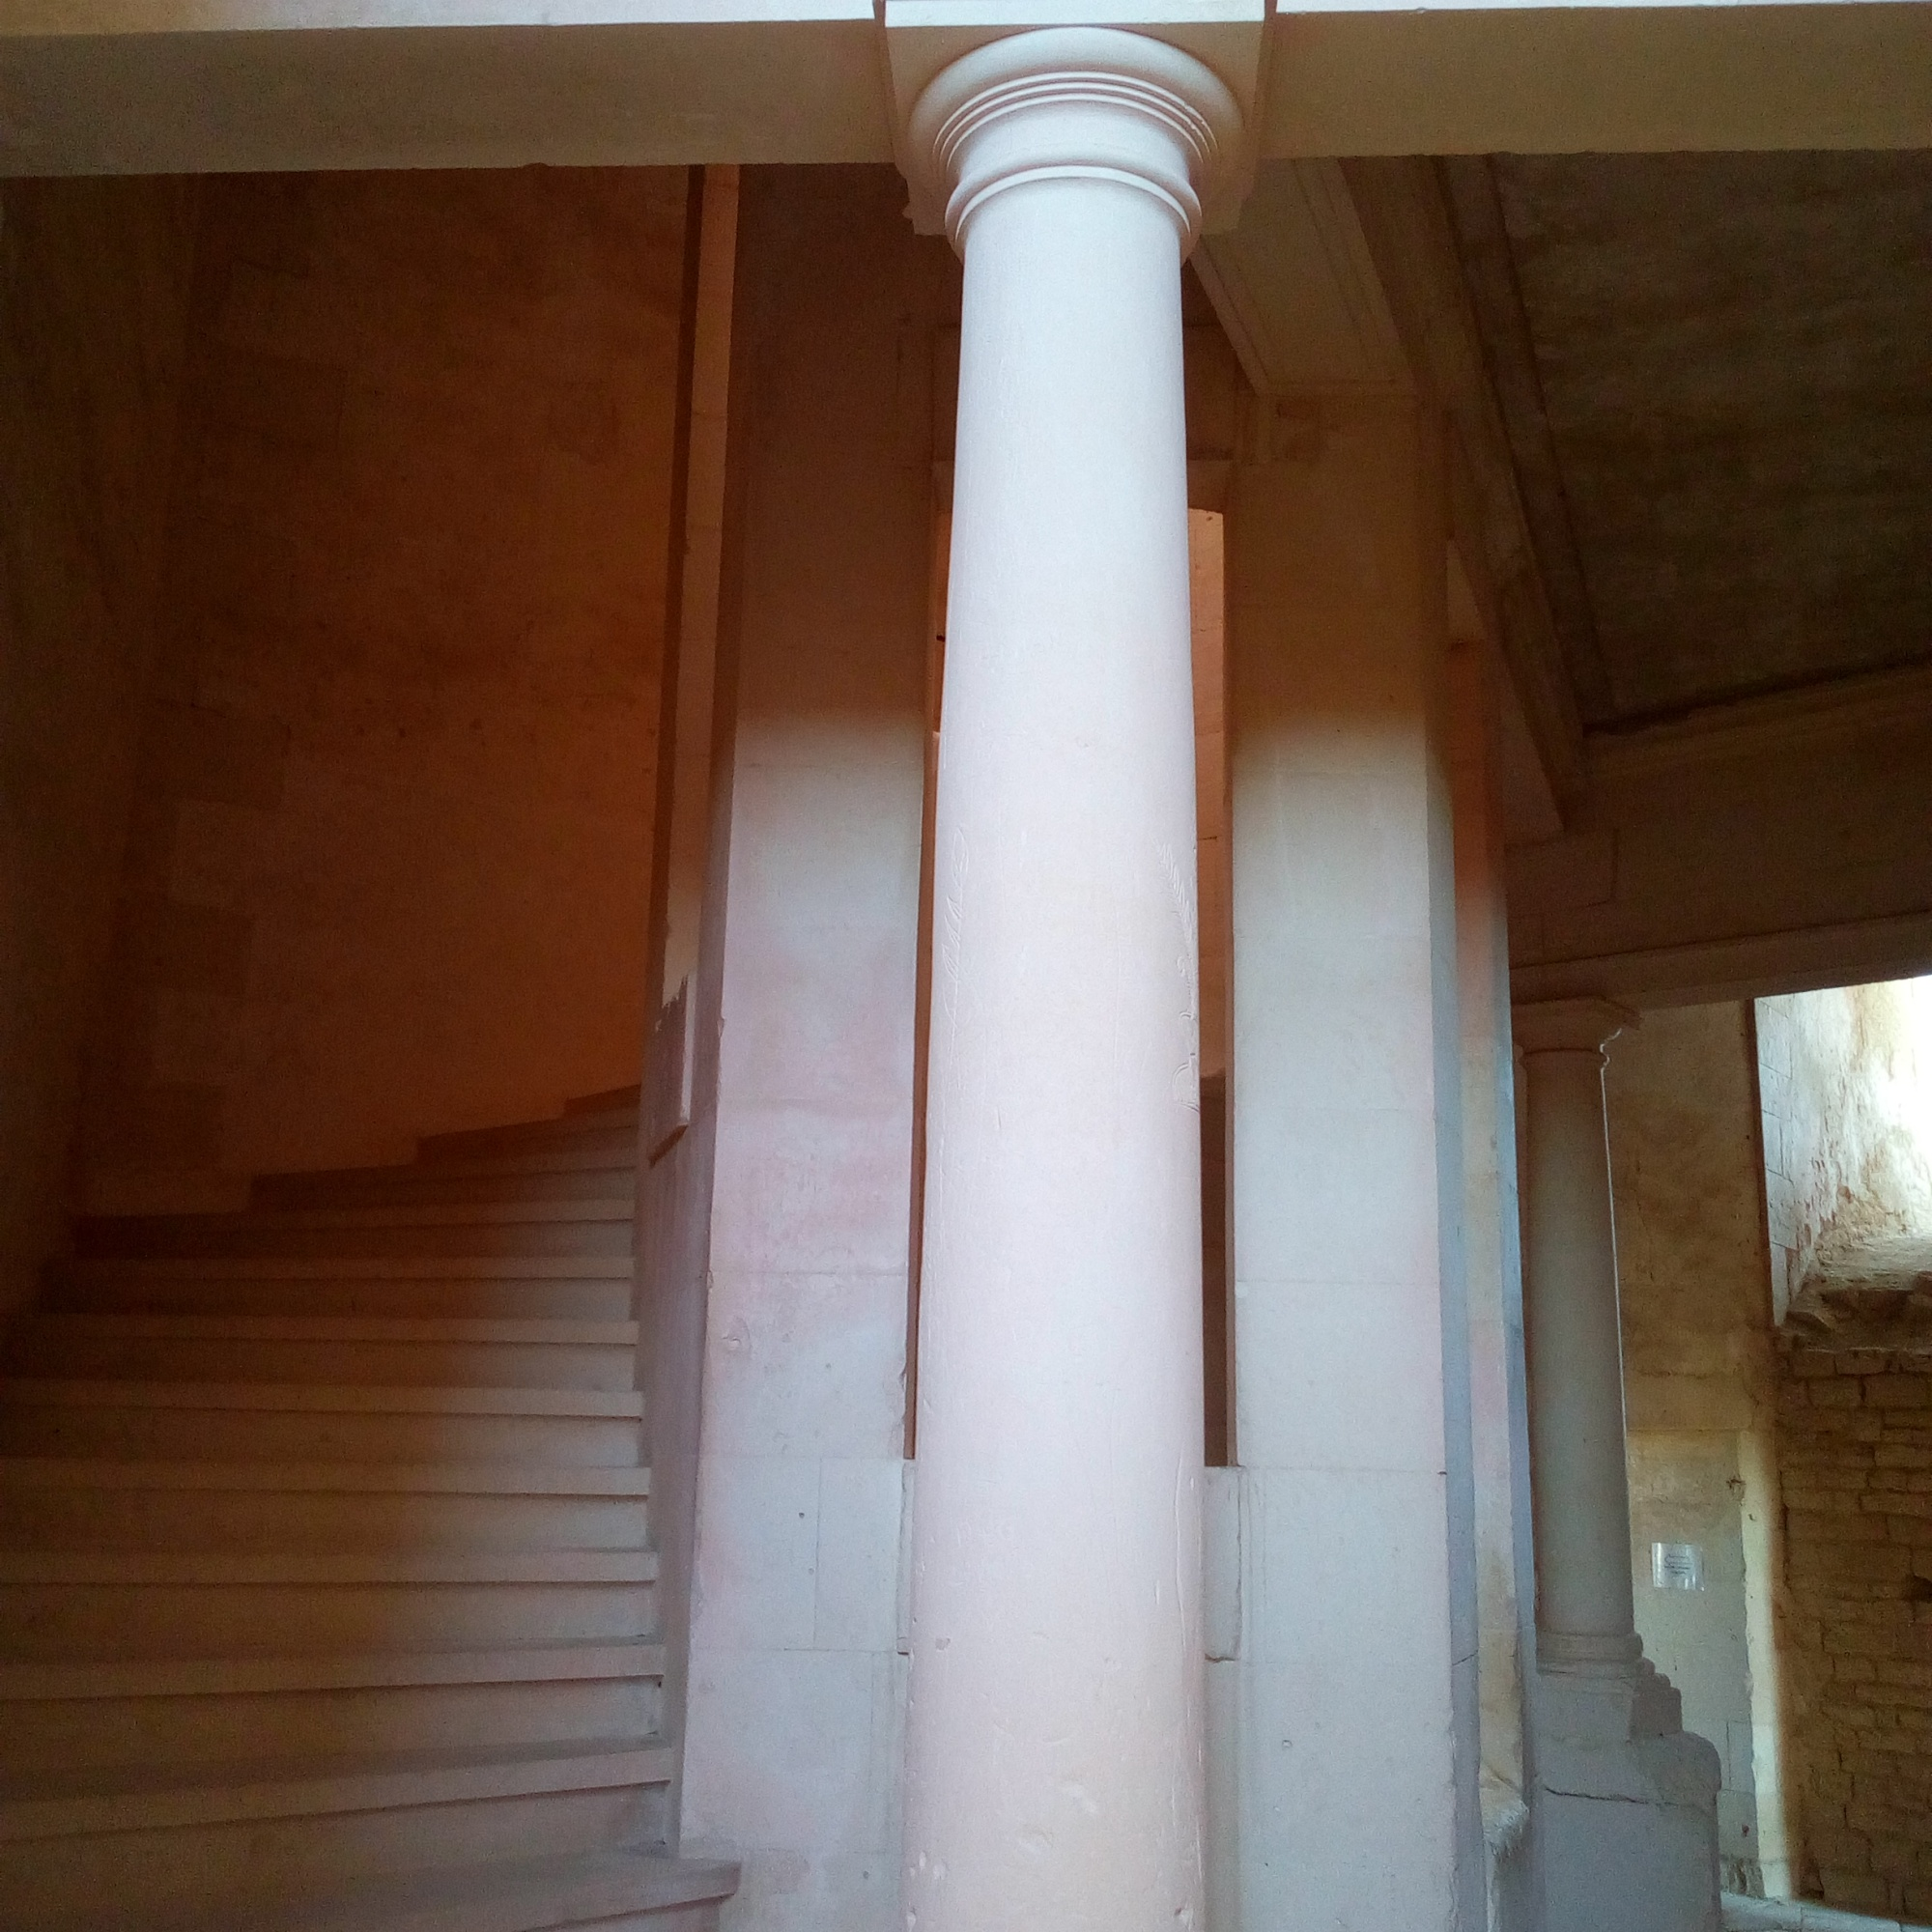 Escalier du château de Maulnes à Cruzy-le-Châtel (Yonne)